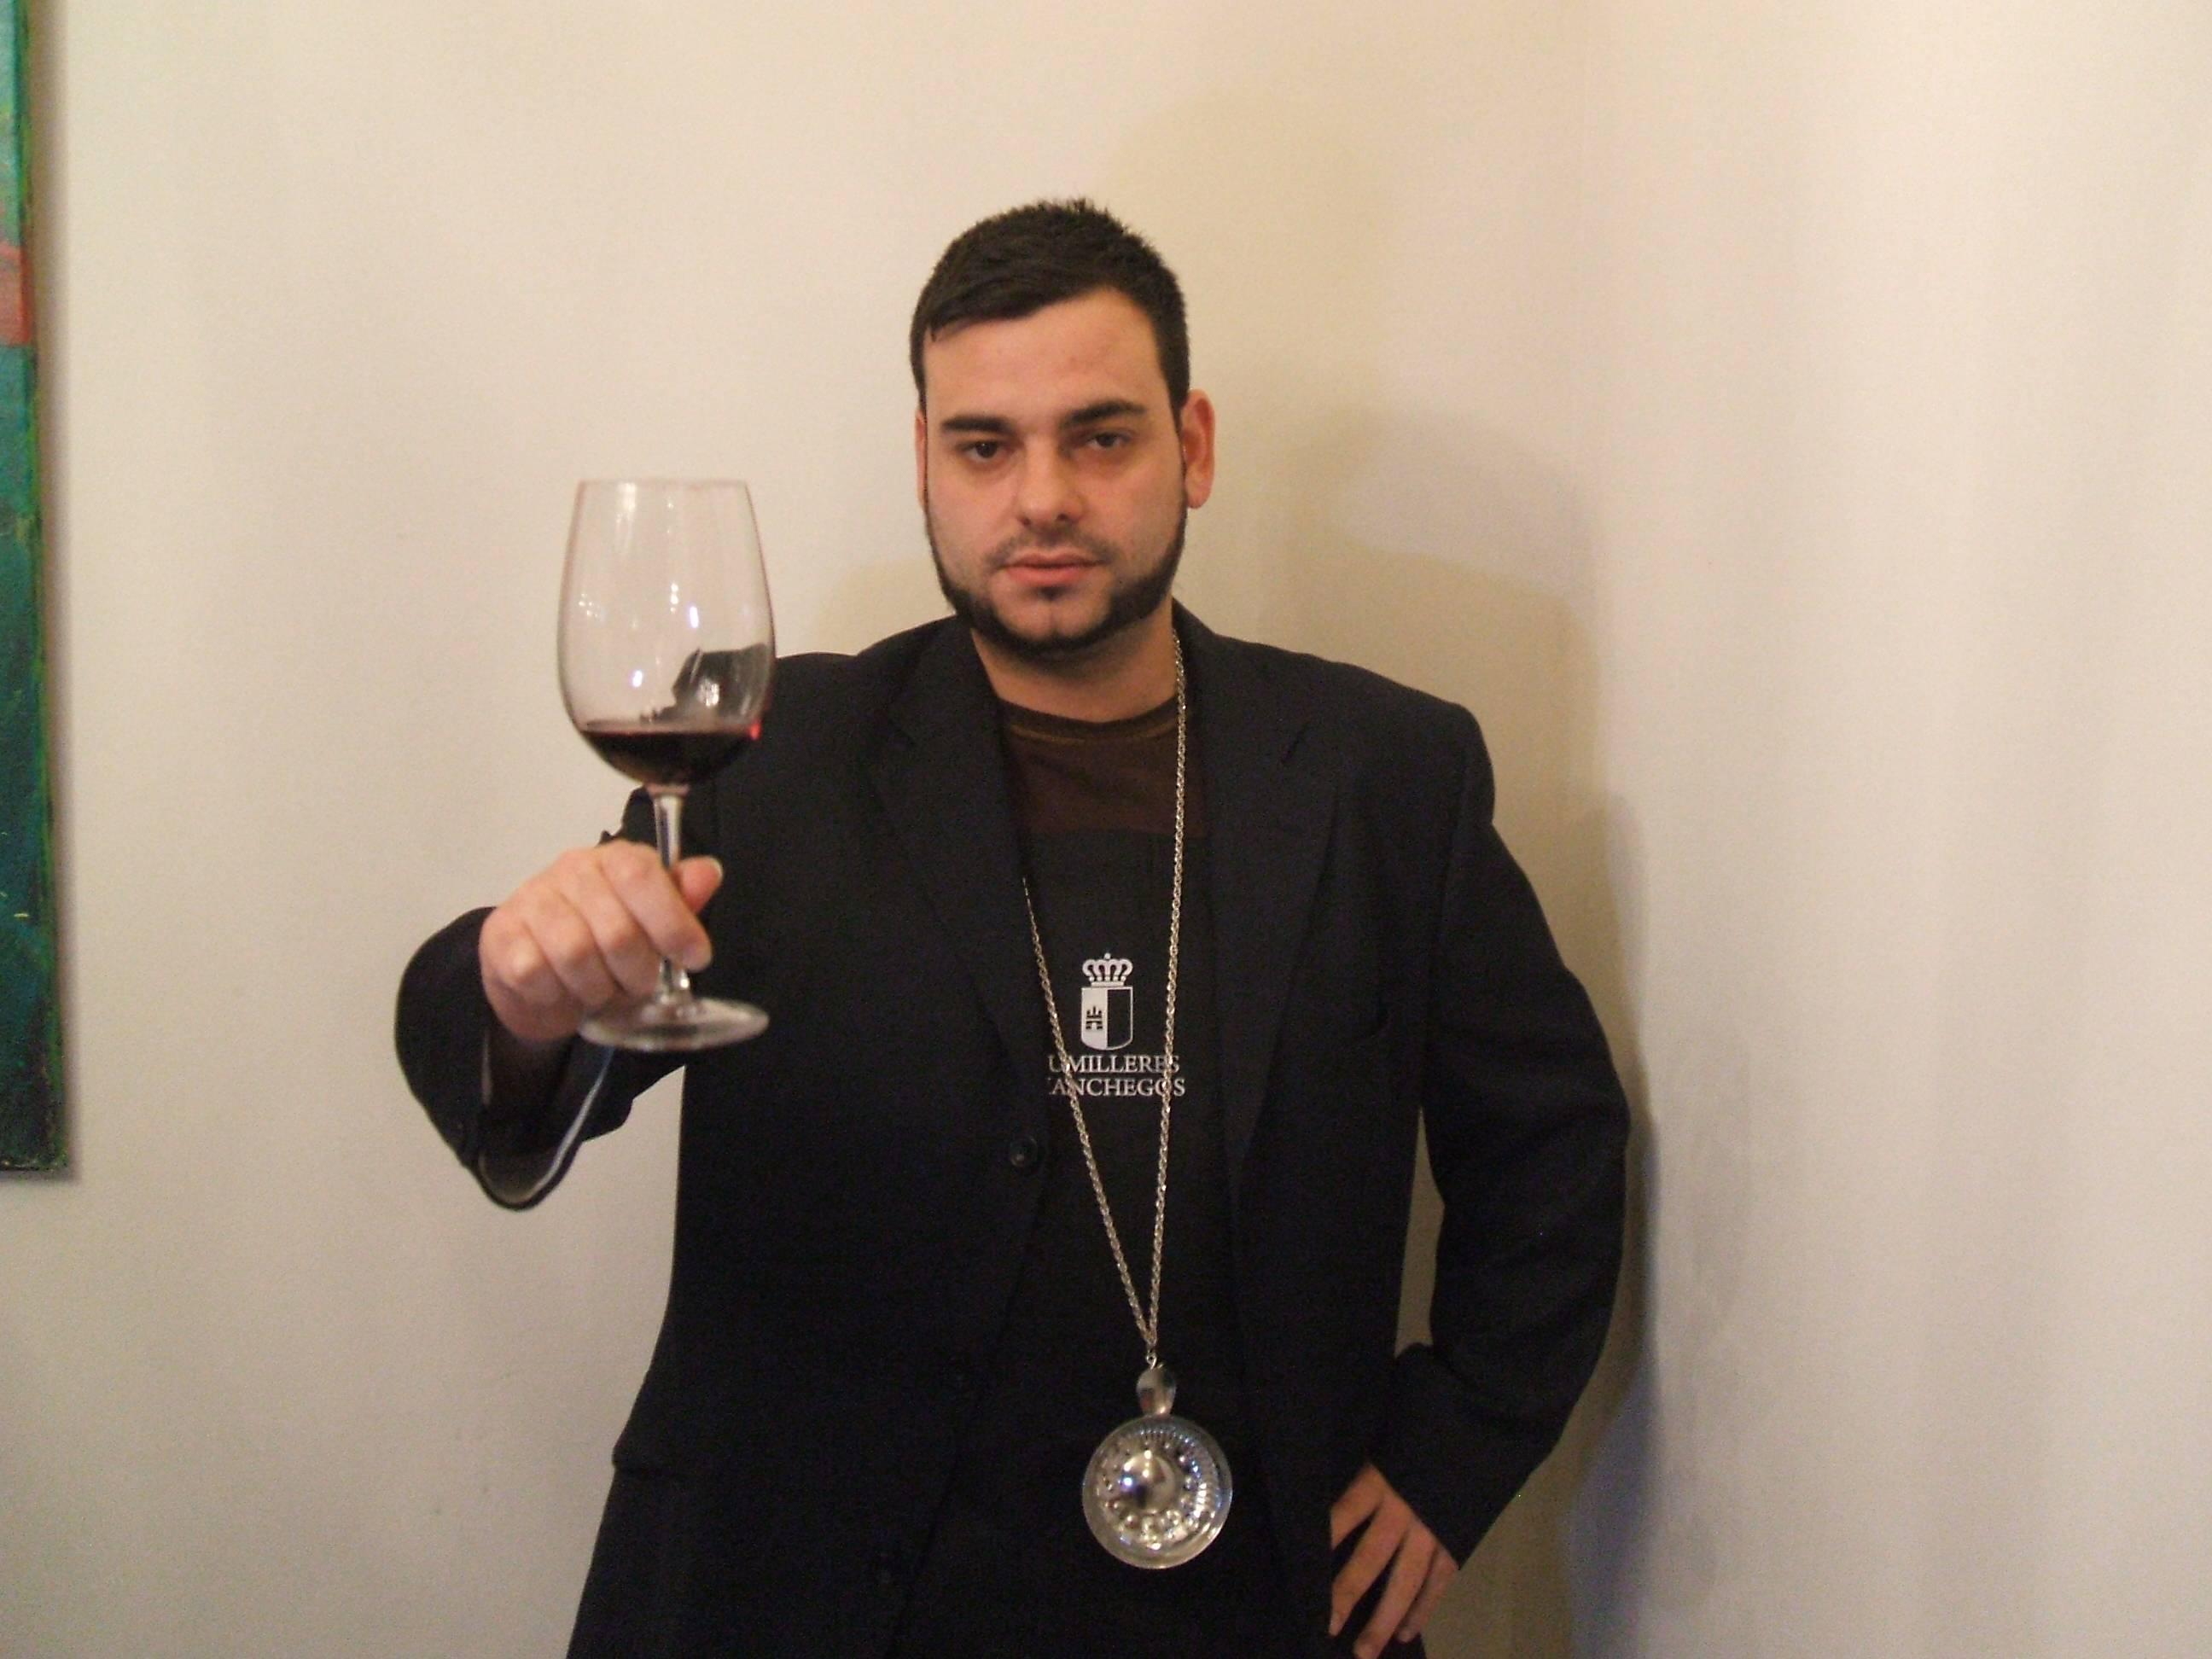 sumilleres y amigos del vino 23 - Víctor Martín-Buitrago representará a Castilla-La Mancha en el concurso a mejor sumiller de España UAES WIP 2014